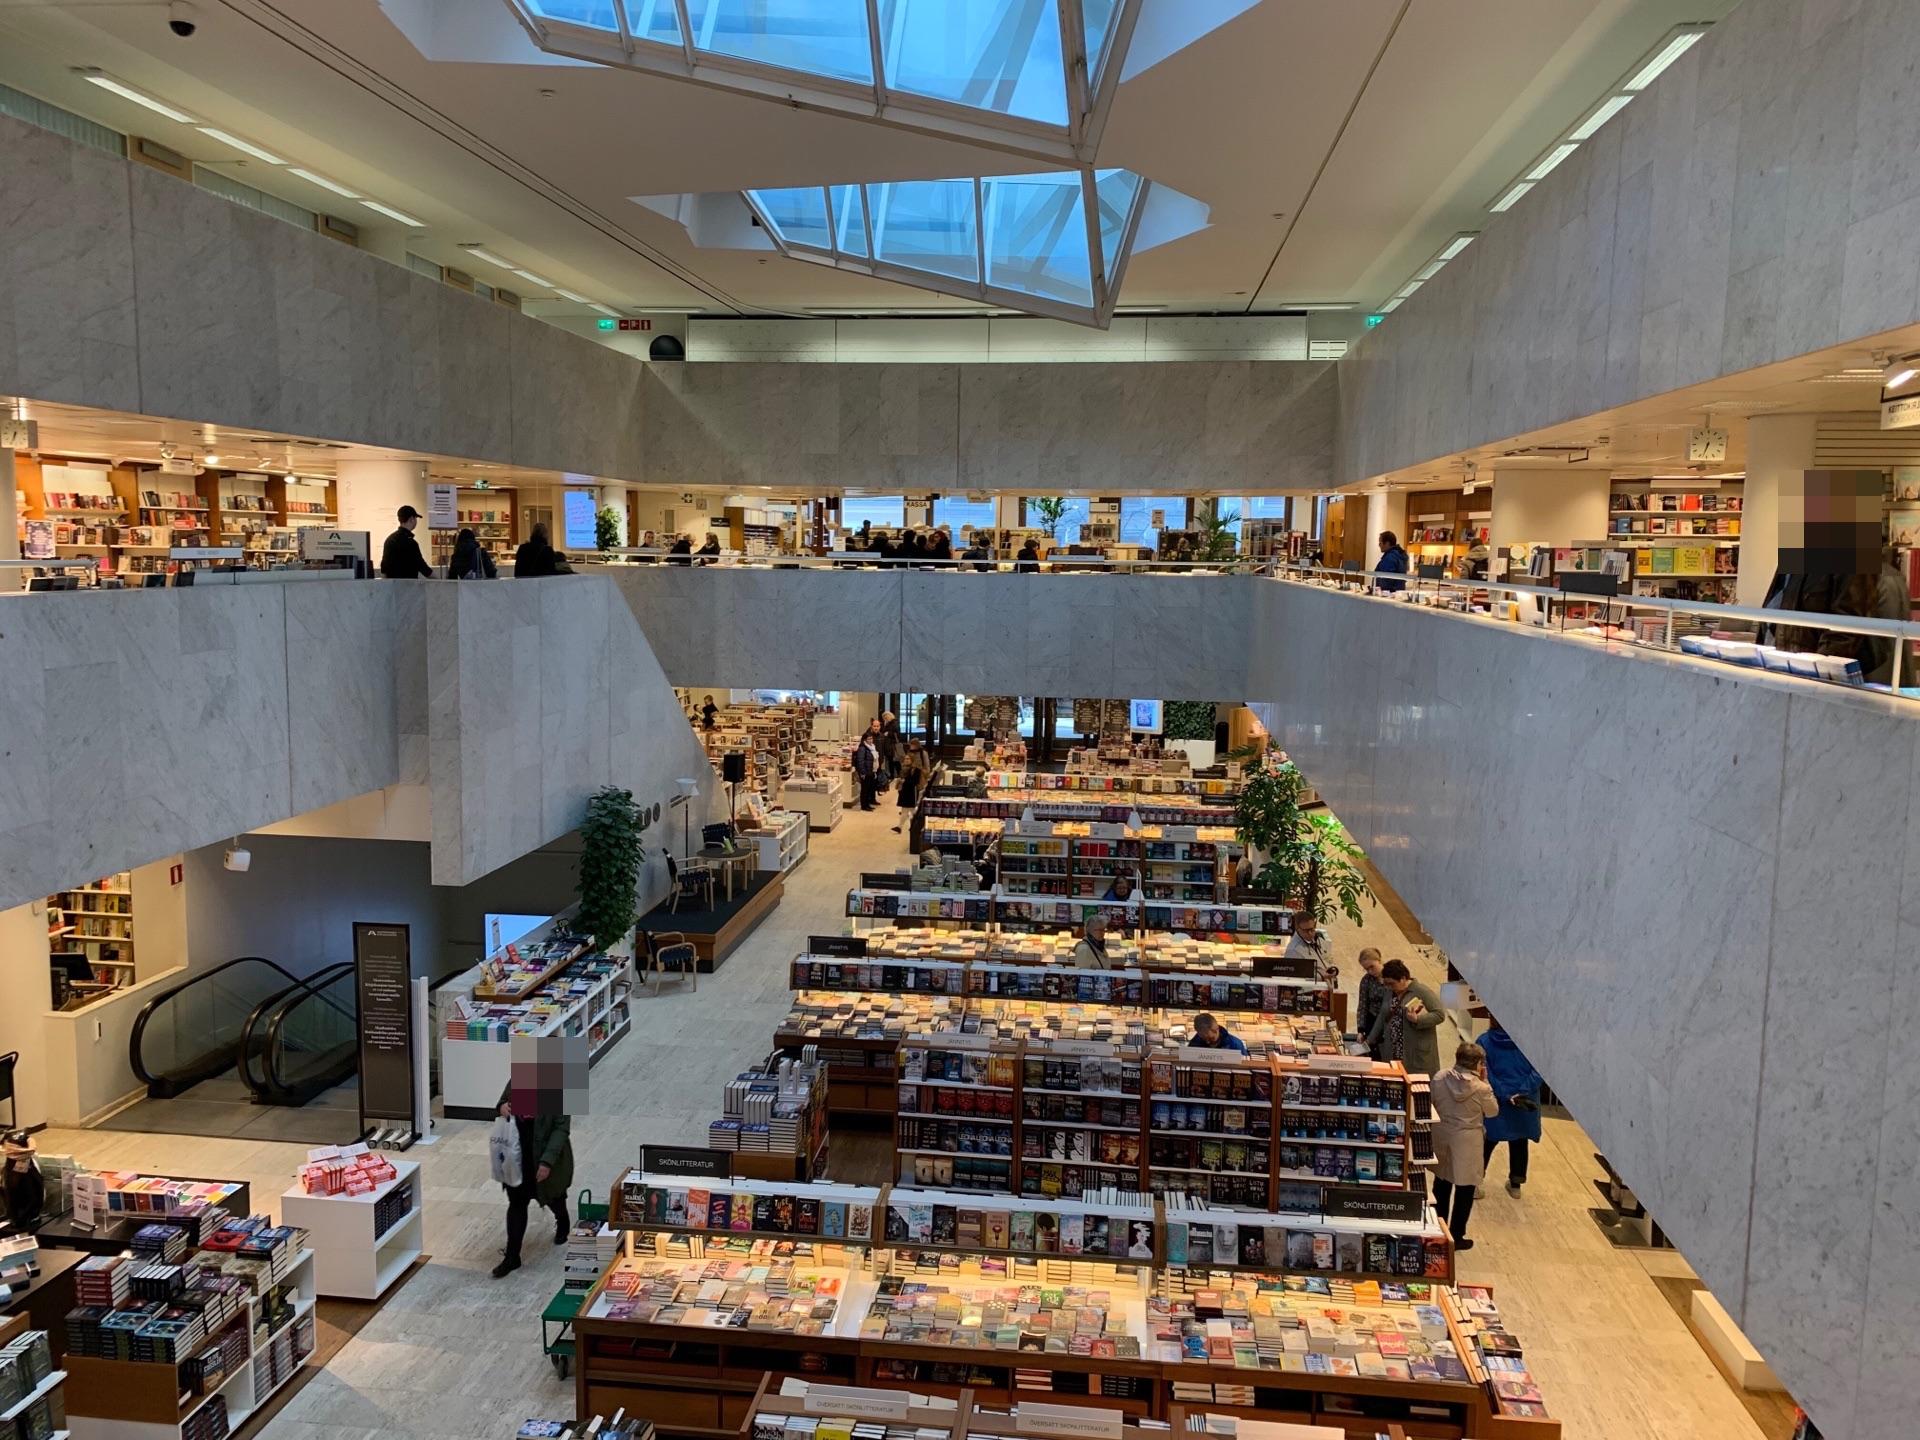 アカデミア書店内部の写真